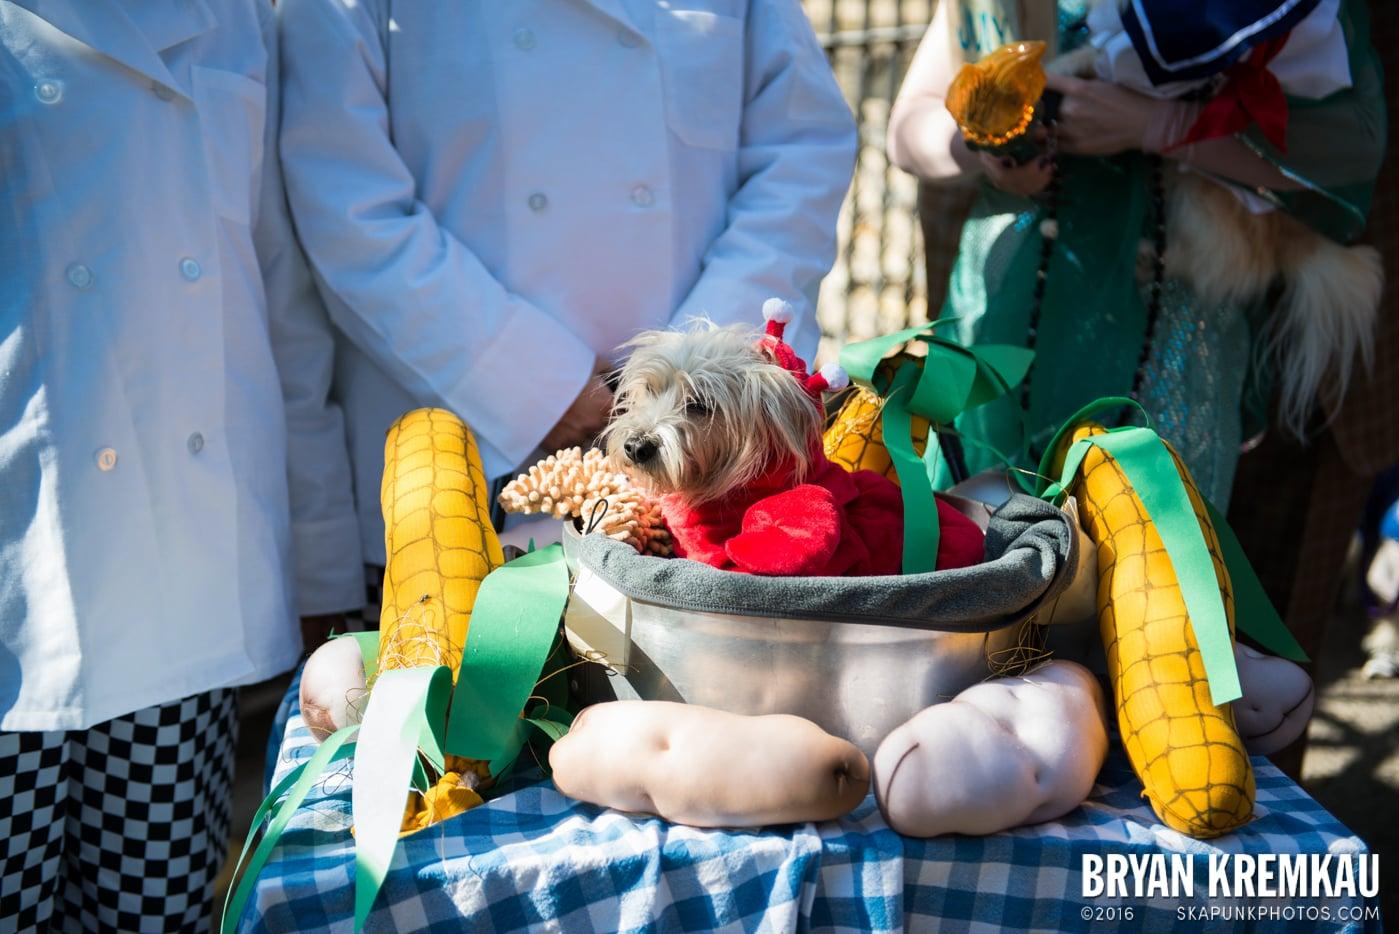 Tompkins Square Halloween Dog Parade 2013 @ Tompkins Square Park, NYC - 10.26.13 (69)